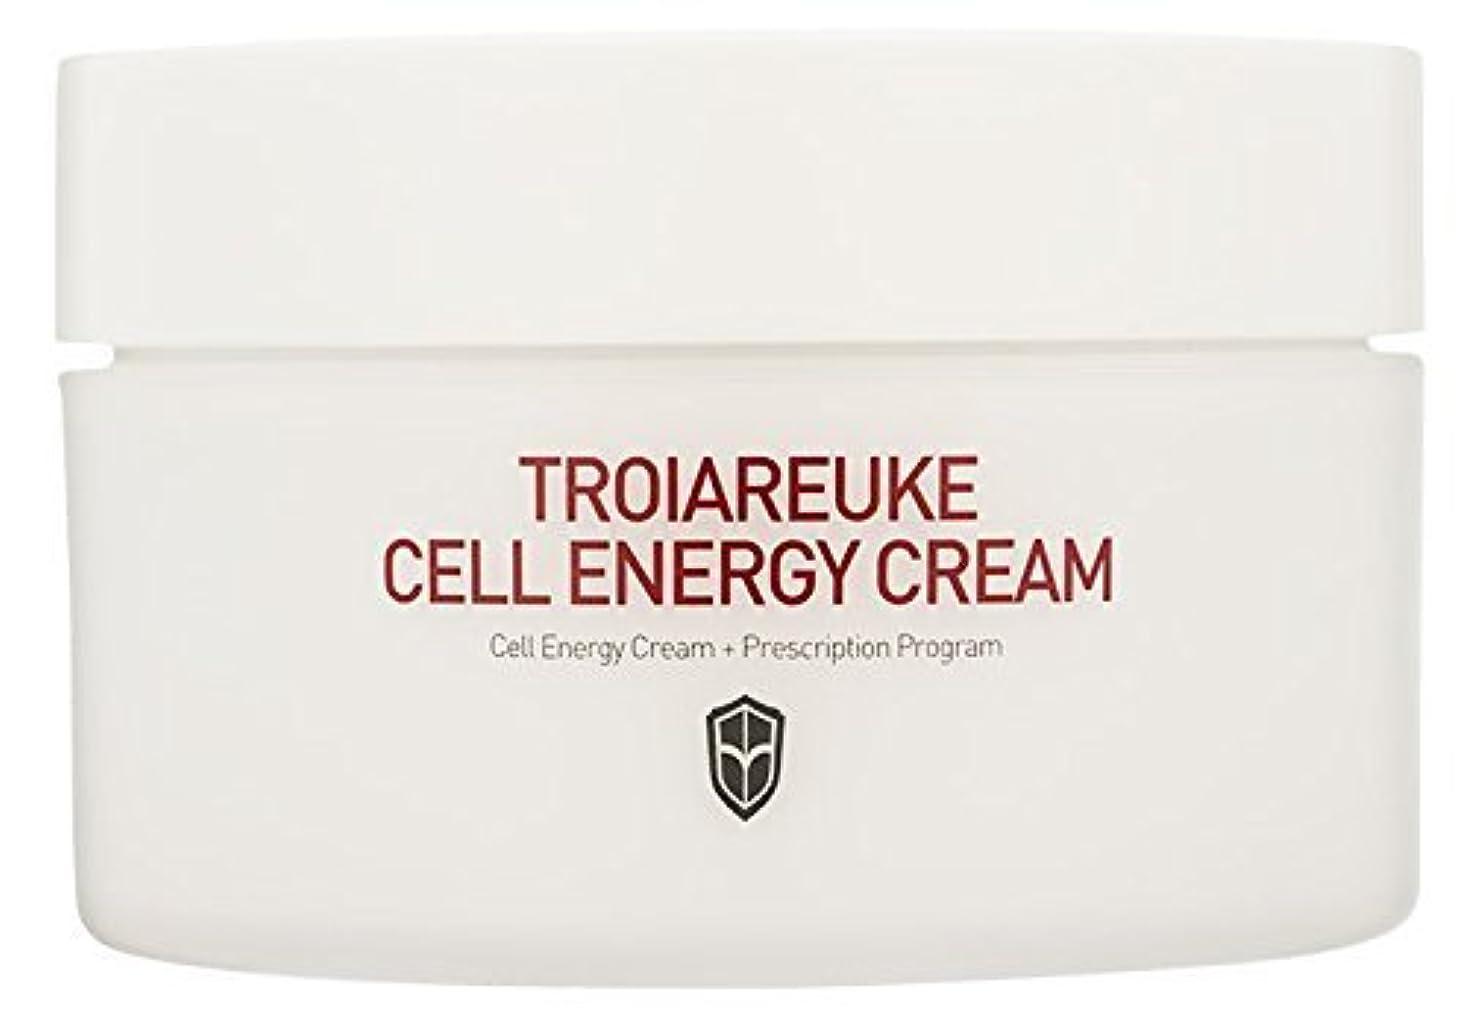 卑しい同志歌詞TROIAREUKE セル エネルギー クリーム / Cell Energy Cream (125ml) [並行輸入品]